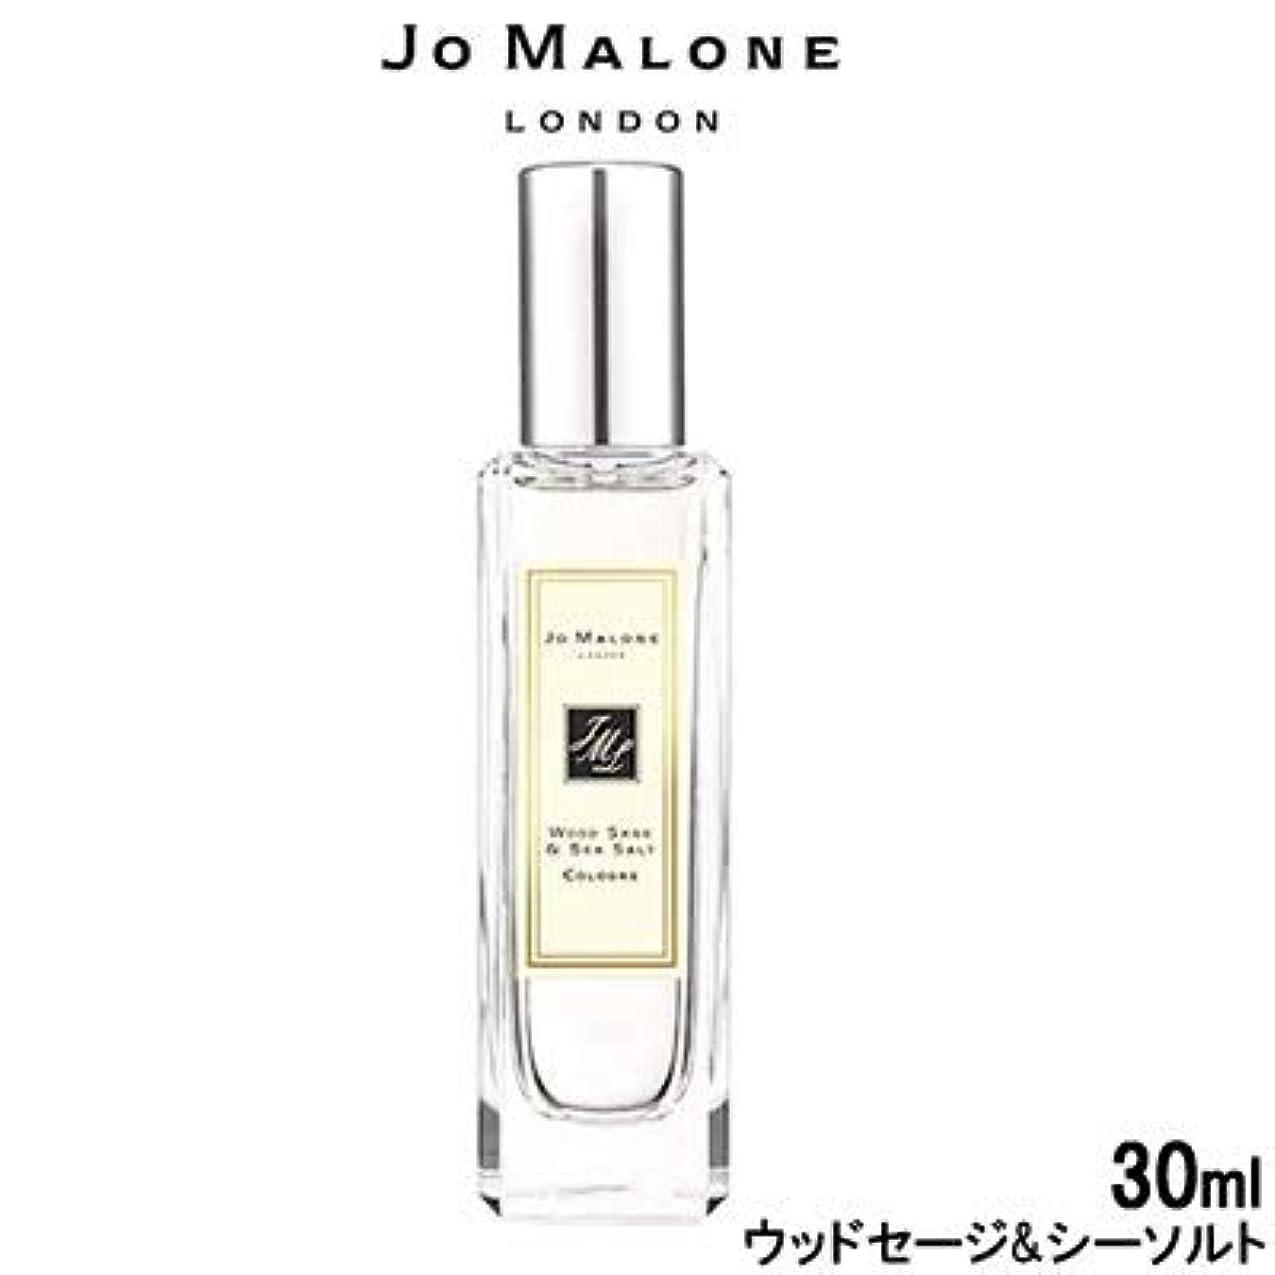 職人年腰ジョー マローン(JO MALONE) ウッドセージ&シーソルト EDC 30ml [033720][並行輸入品]